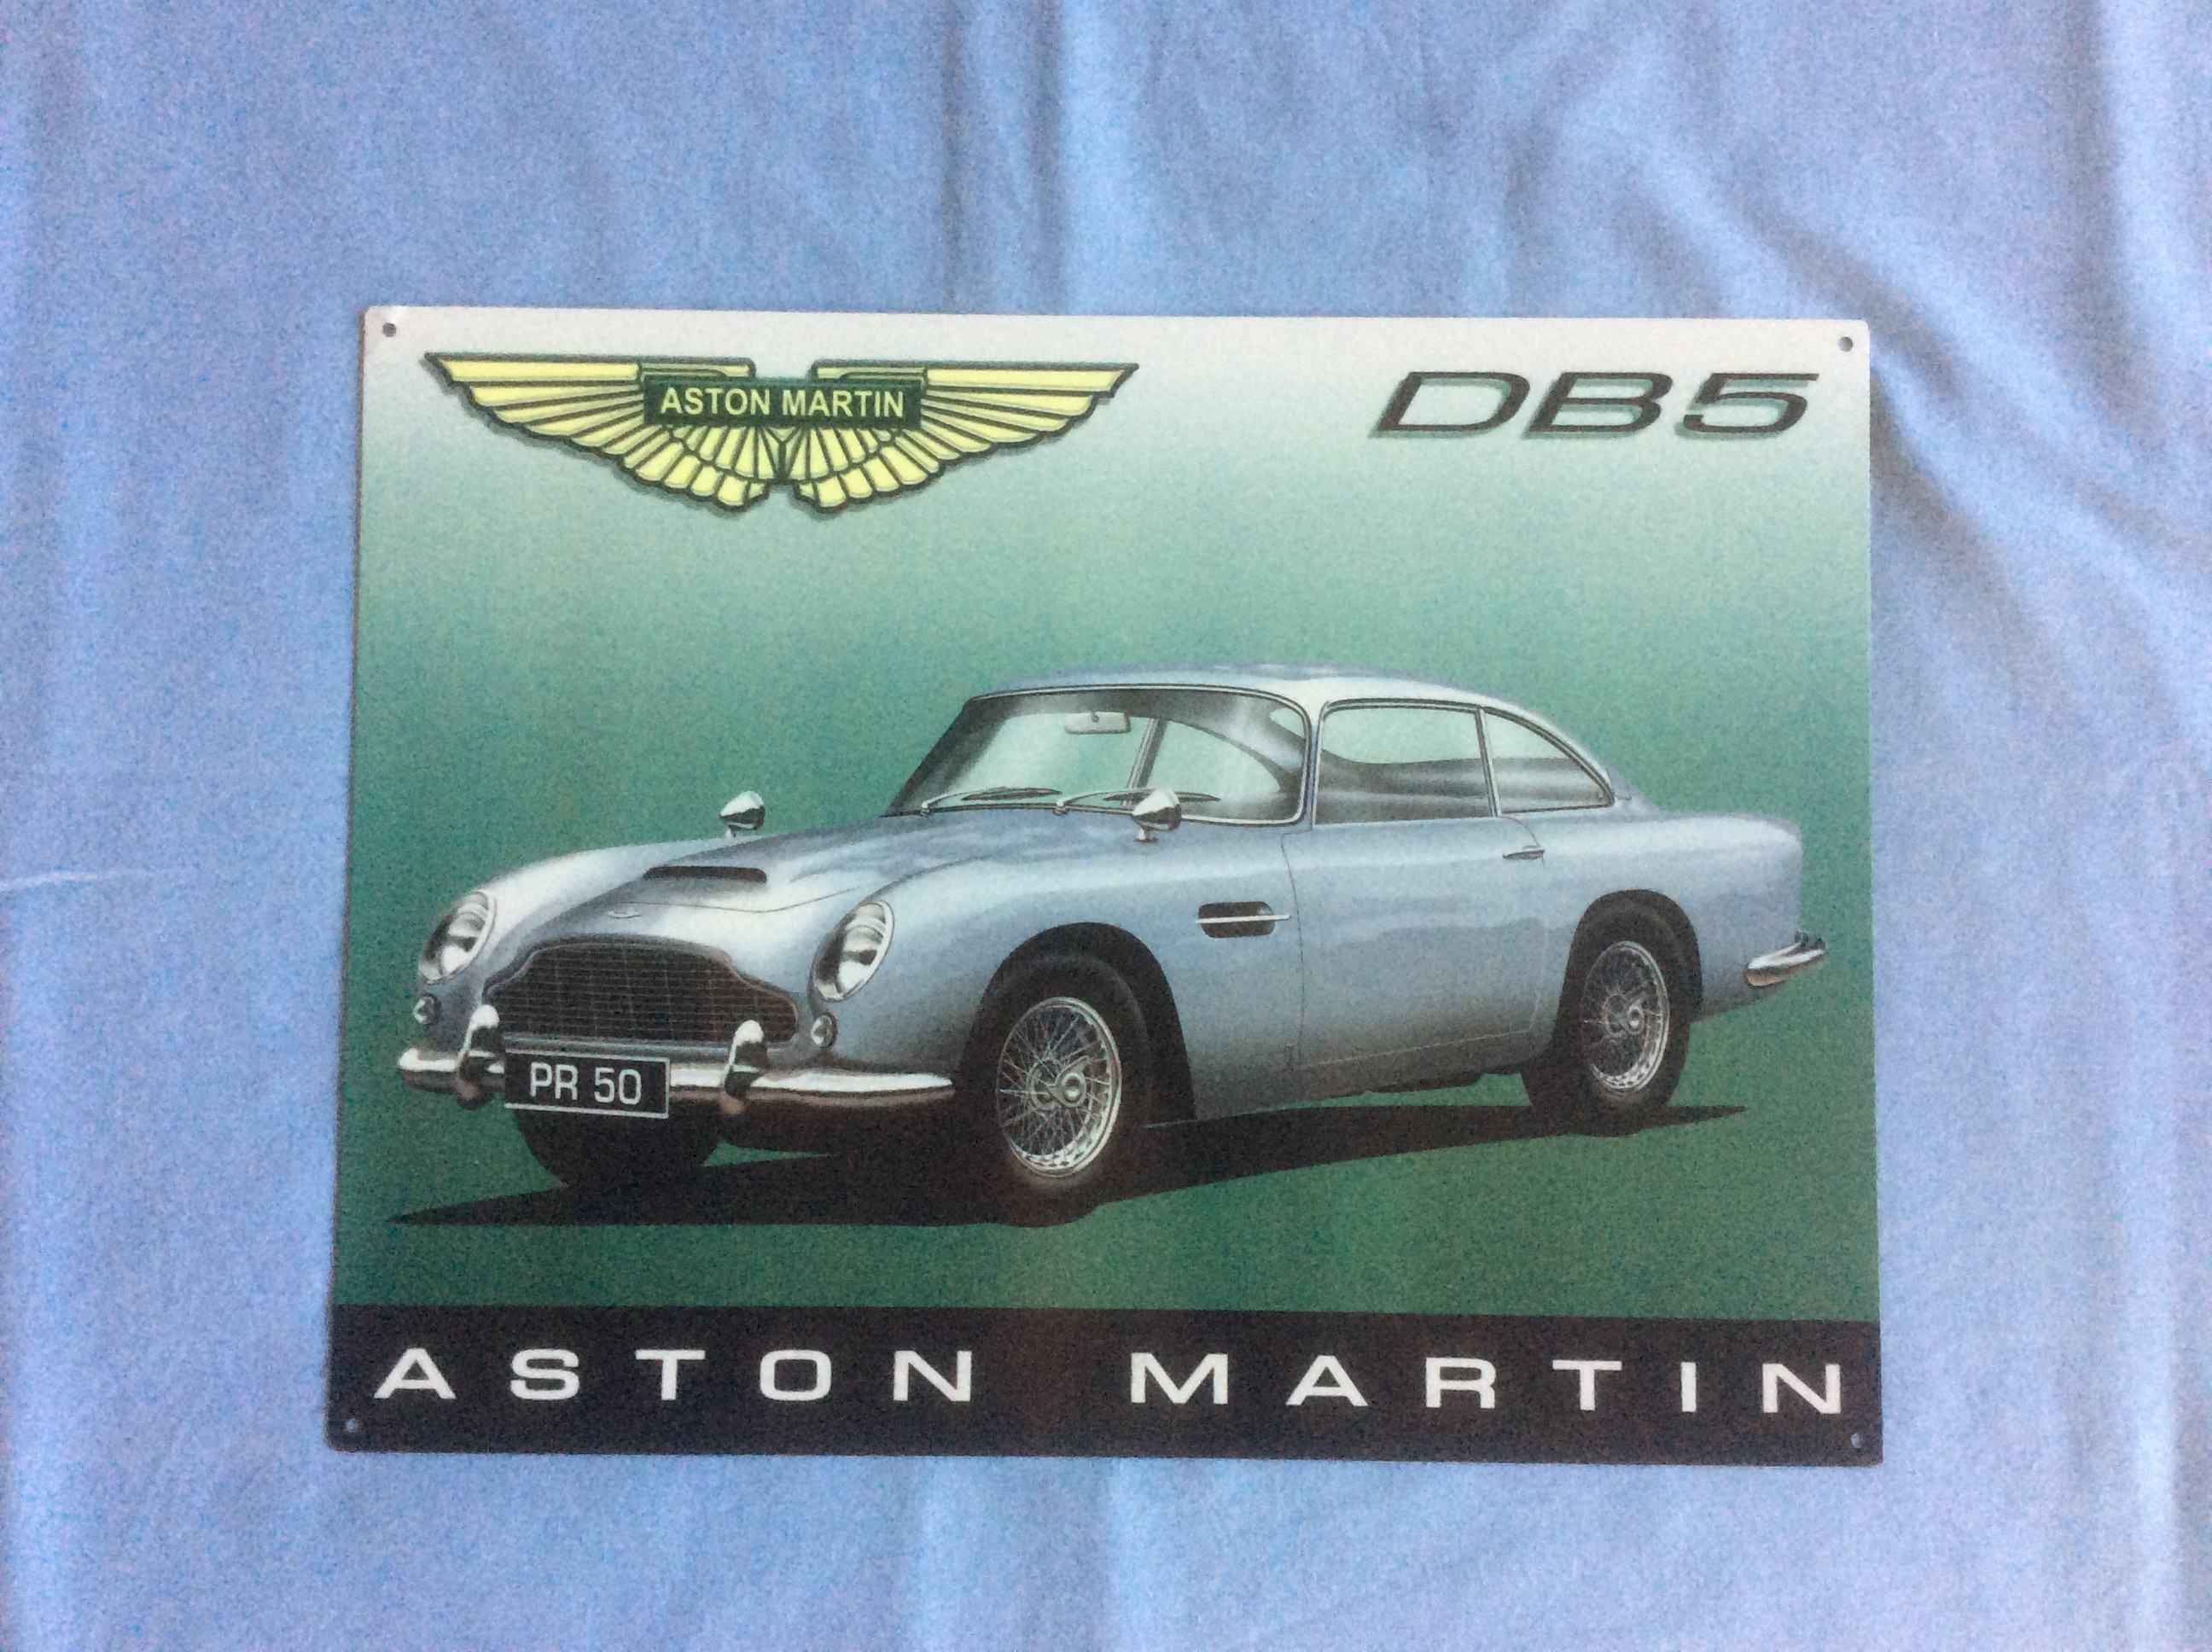 Aston Martin Classic Aston Martin Memorabilia Aston Martin Signs - Aston martin db5